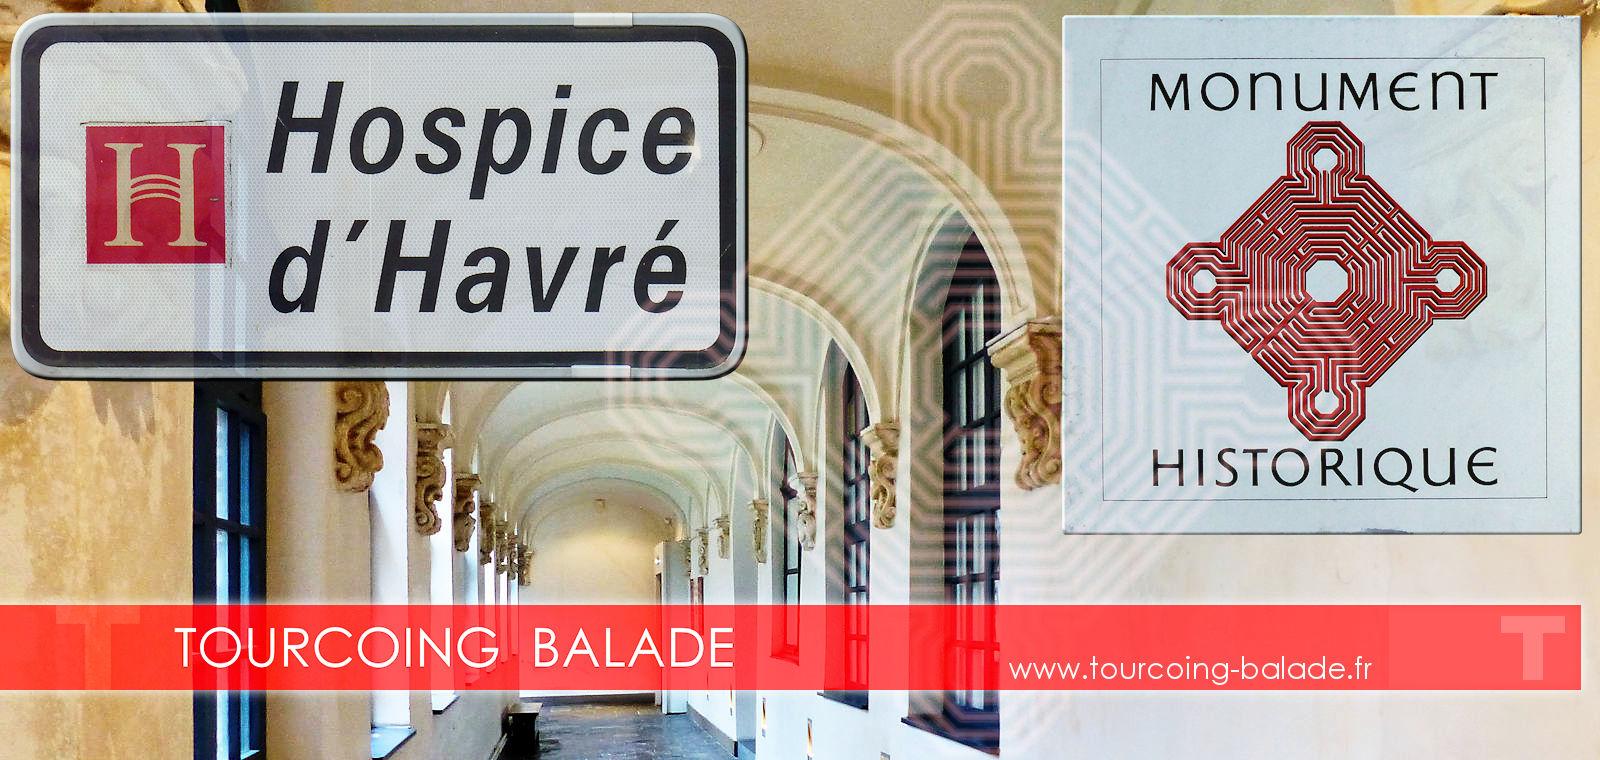 Hospice d'Havré Tourcoing Monument Historique